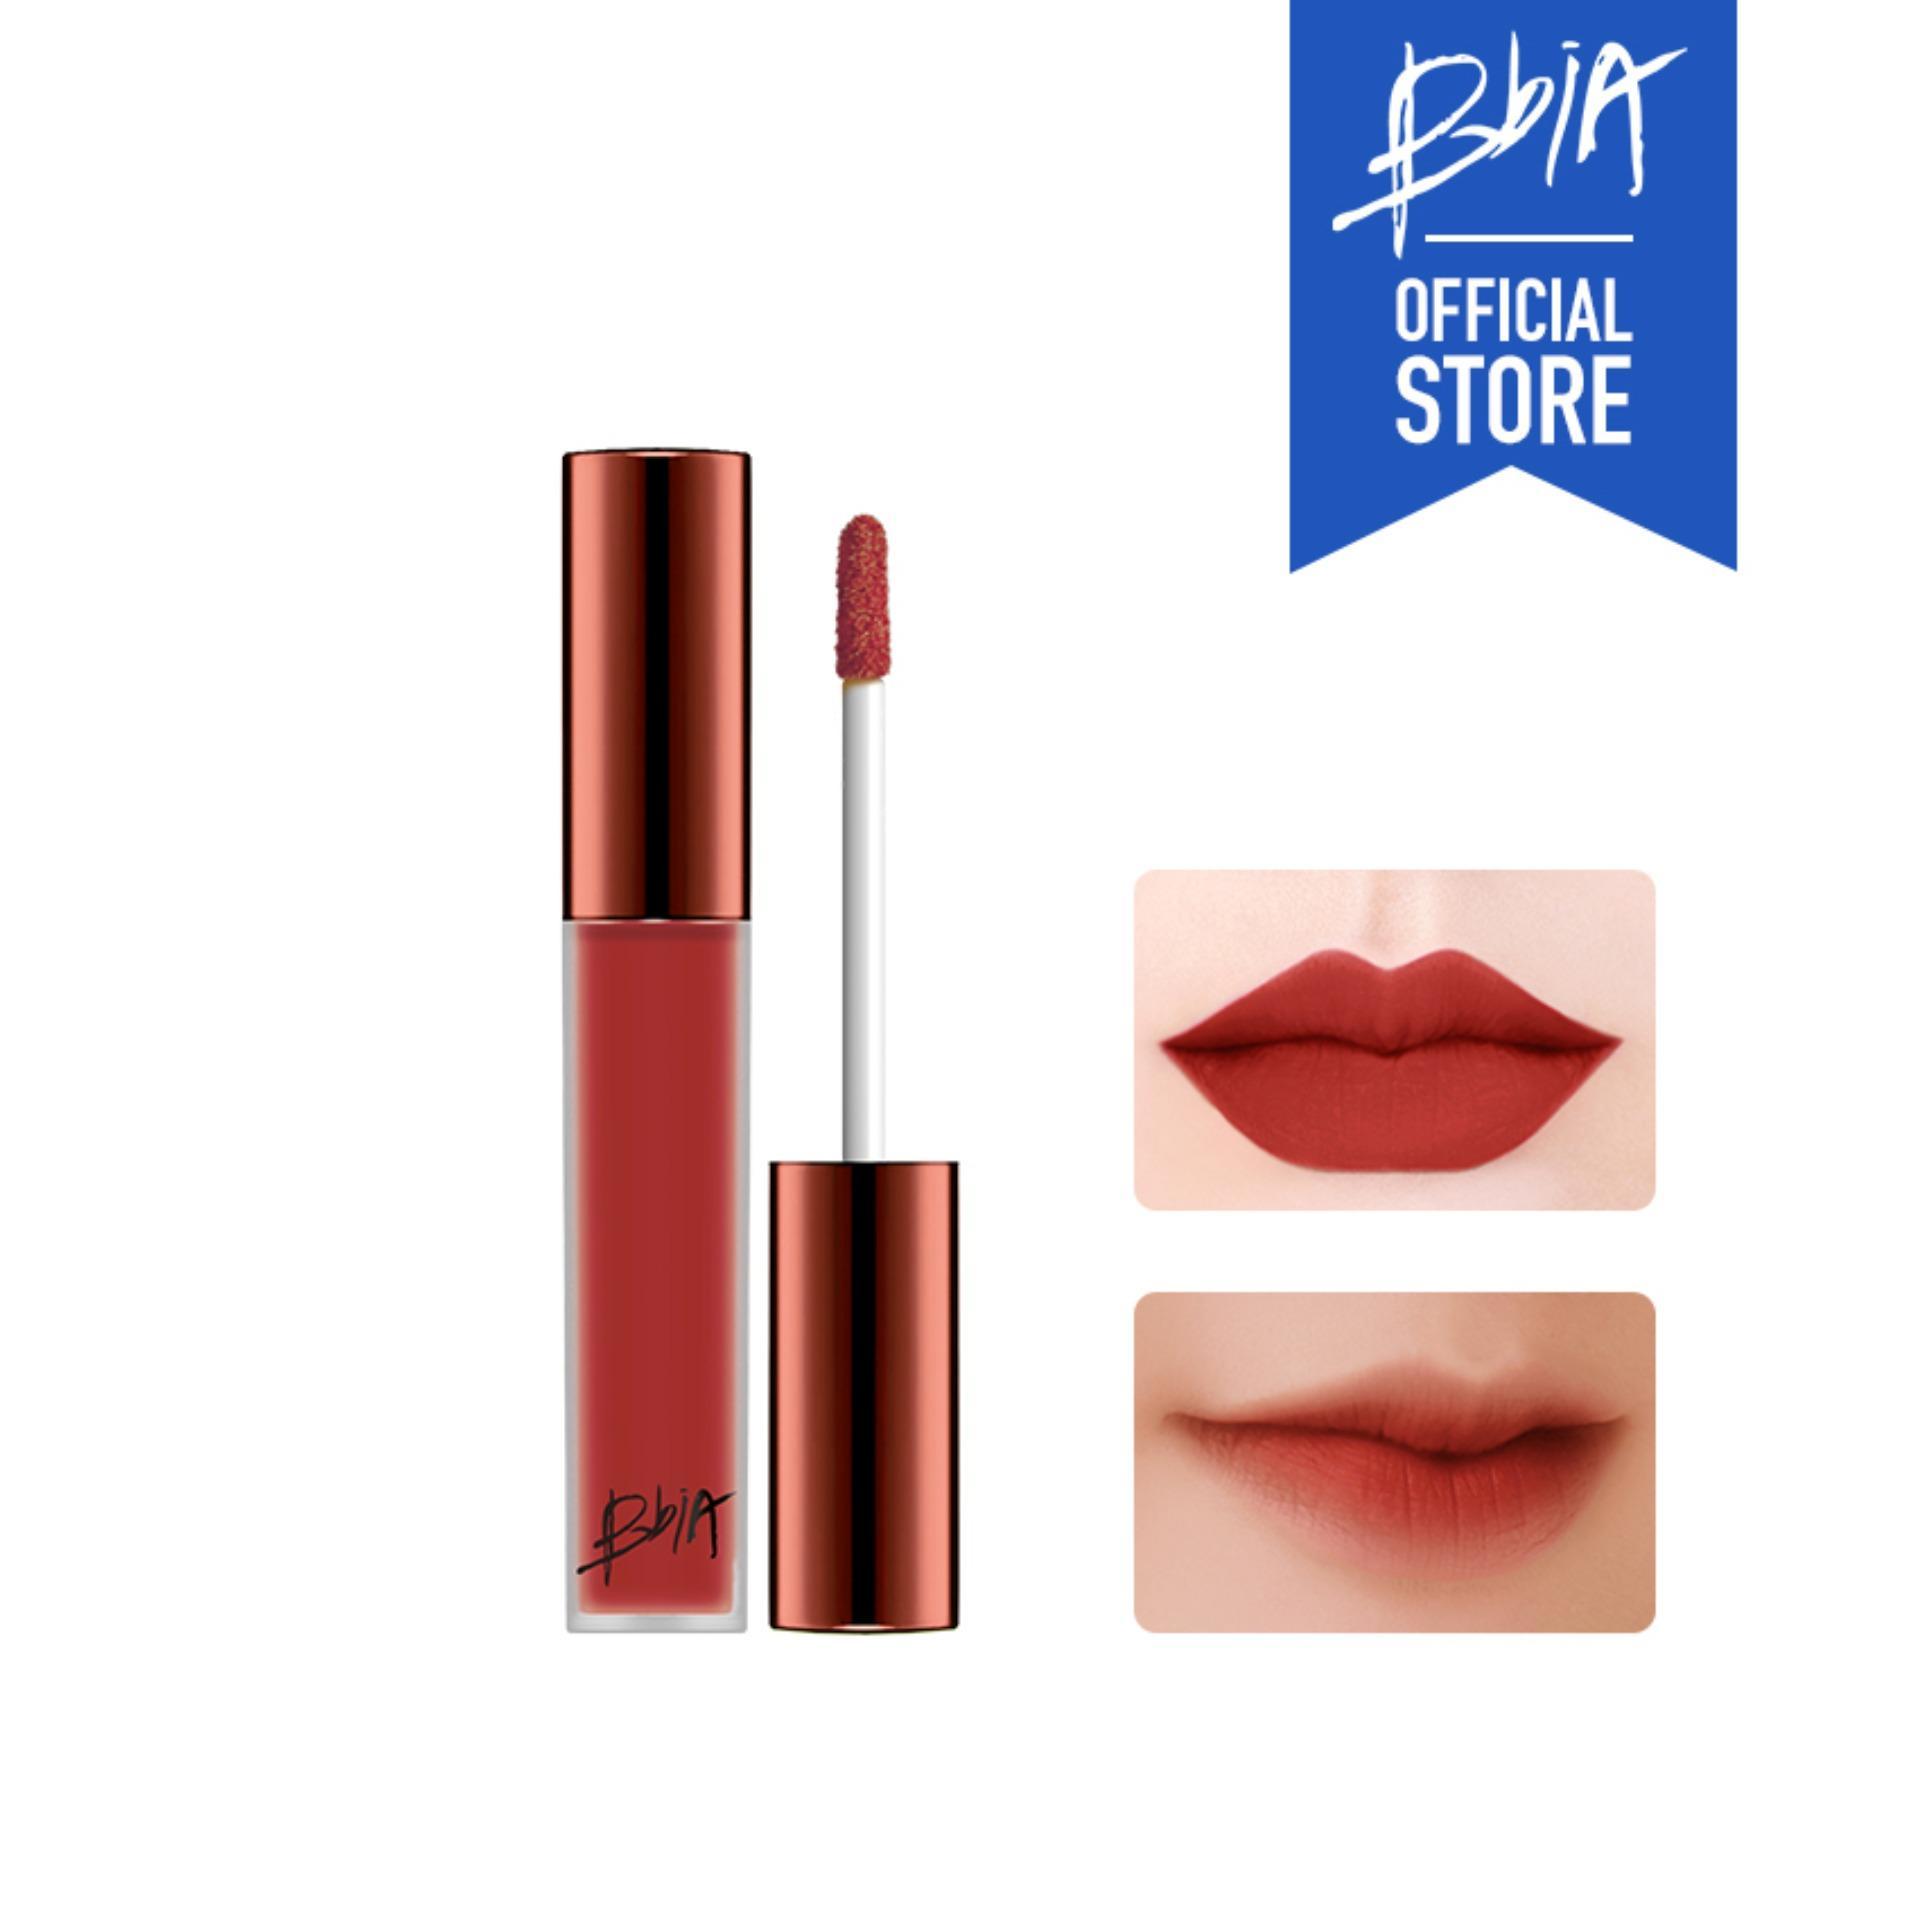 Son kem lì Bbia Last Velvet Lip Tint Version 5 - Có chọn màu chính hãng